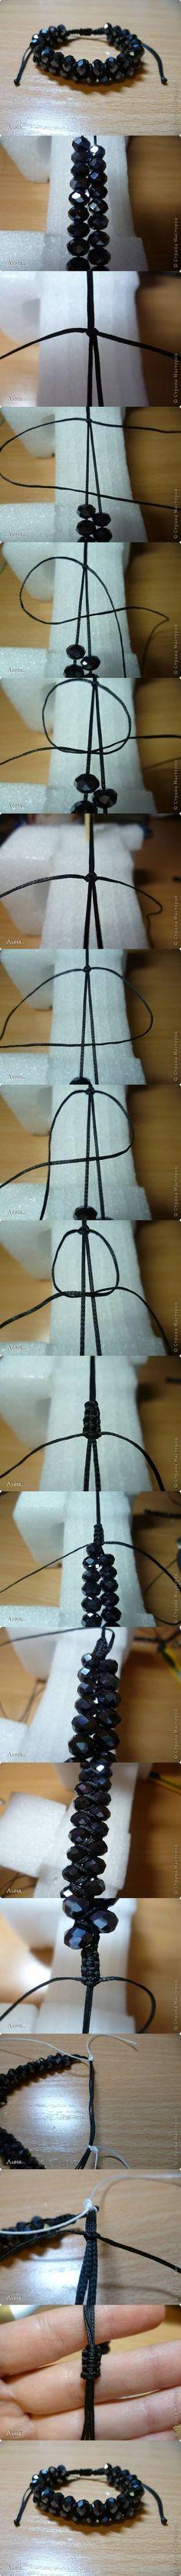 DIY Dual Shambhala Bracelet